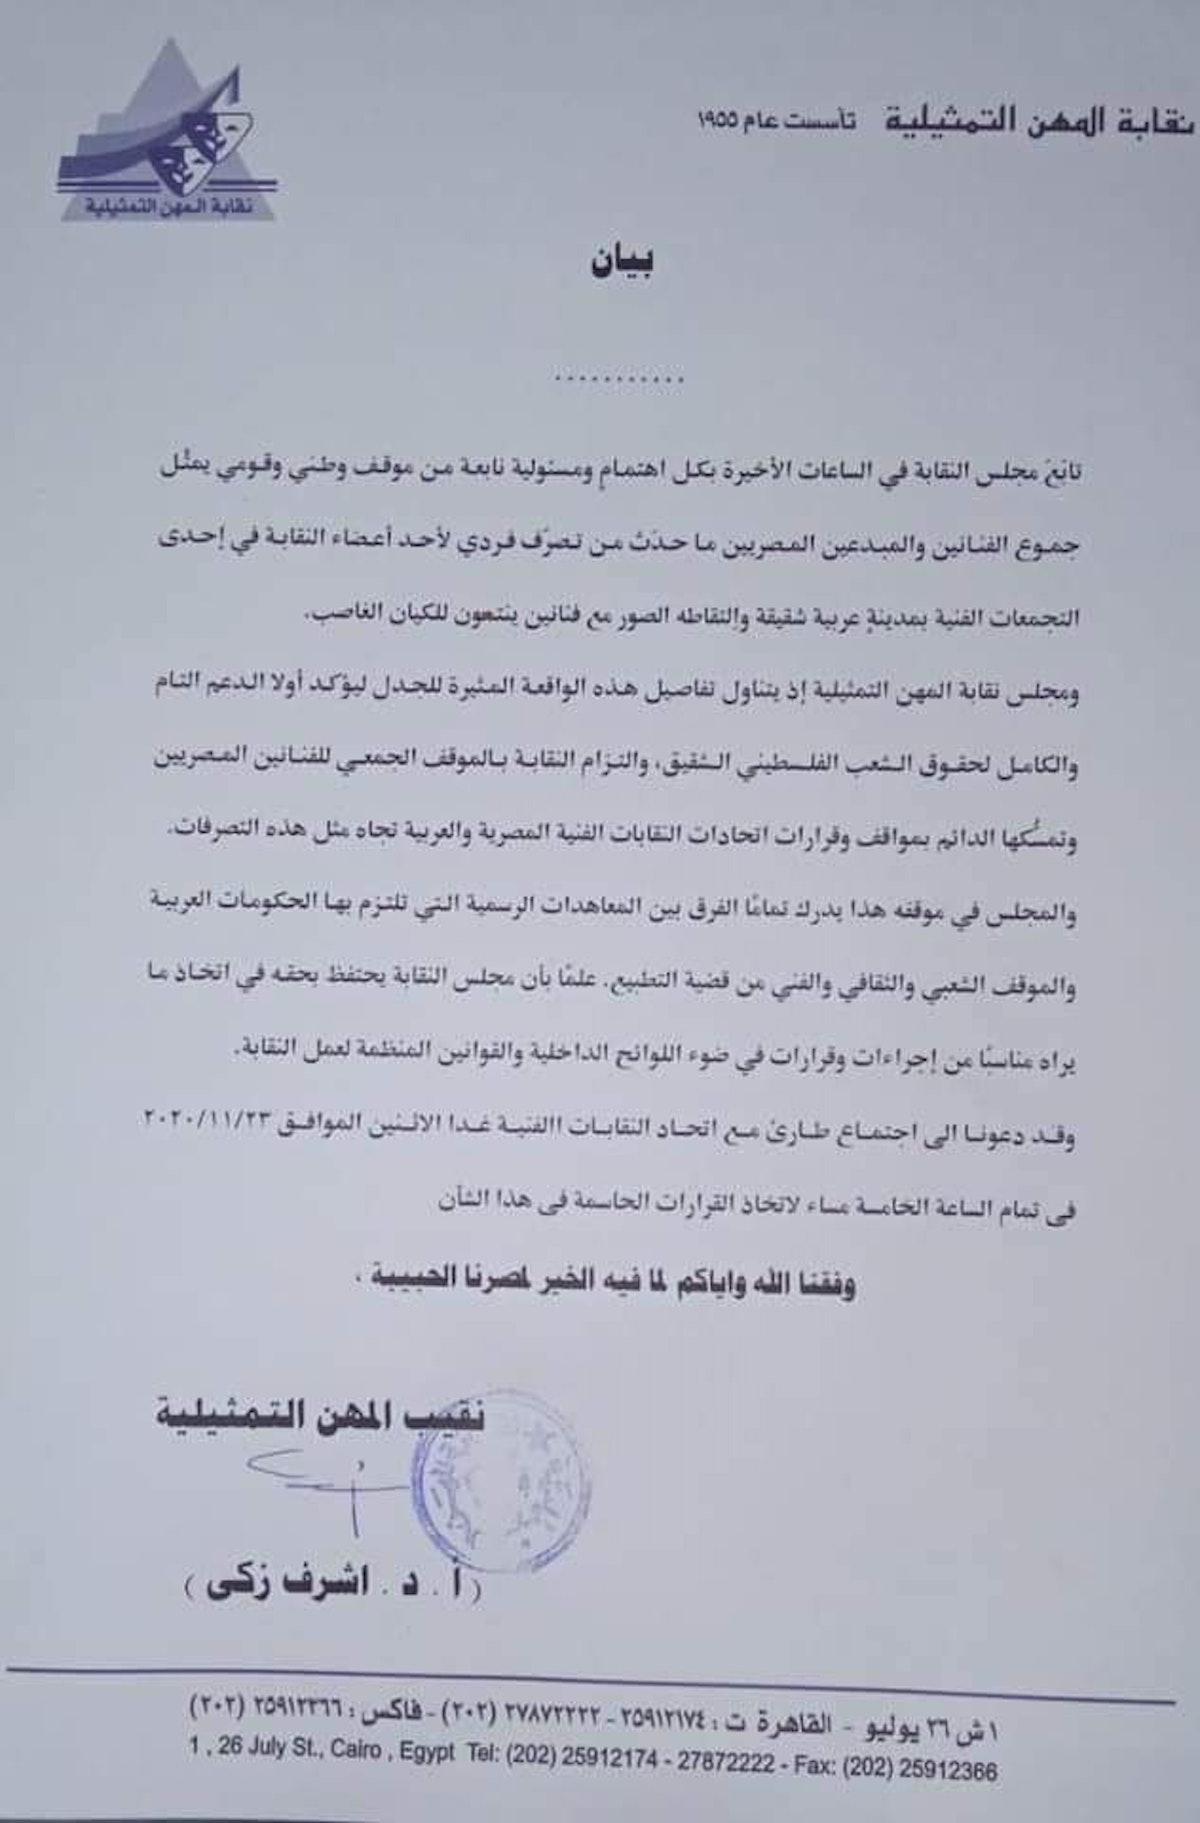 صورة ضوئية من بيان نقابة المهن التمثيلية المصرية - الشرق